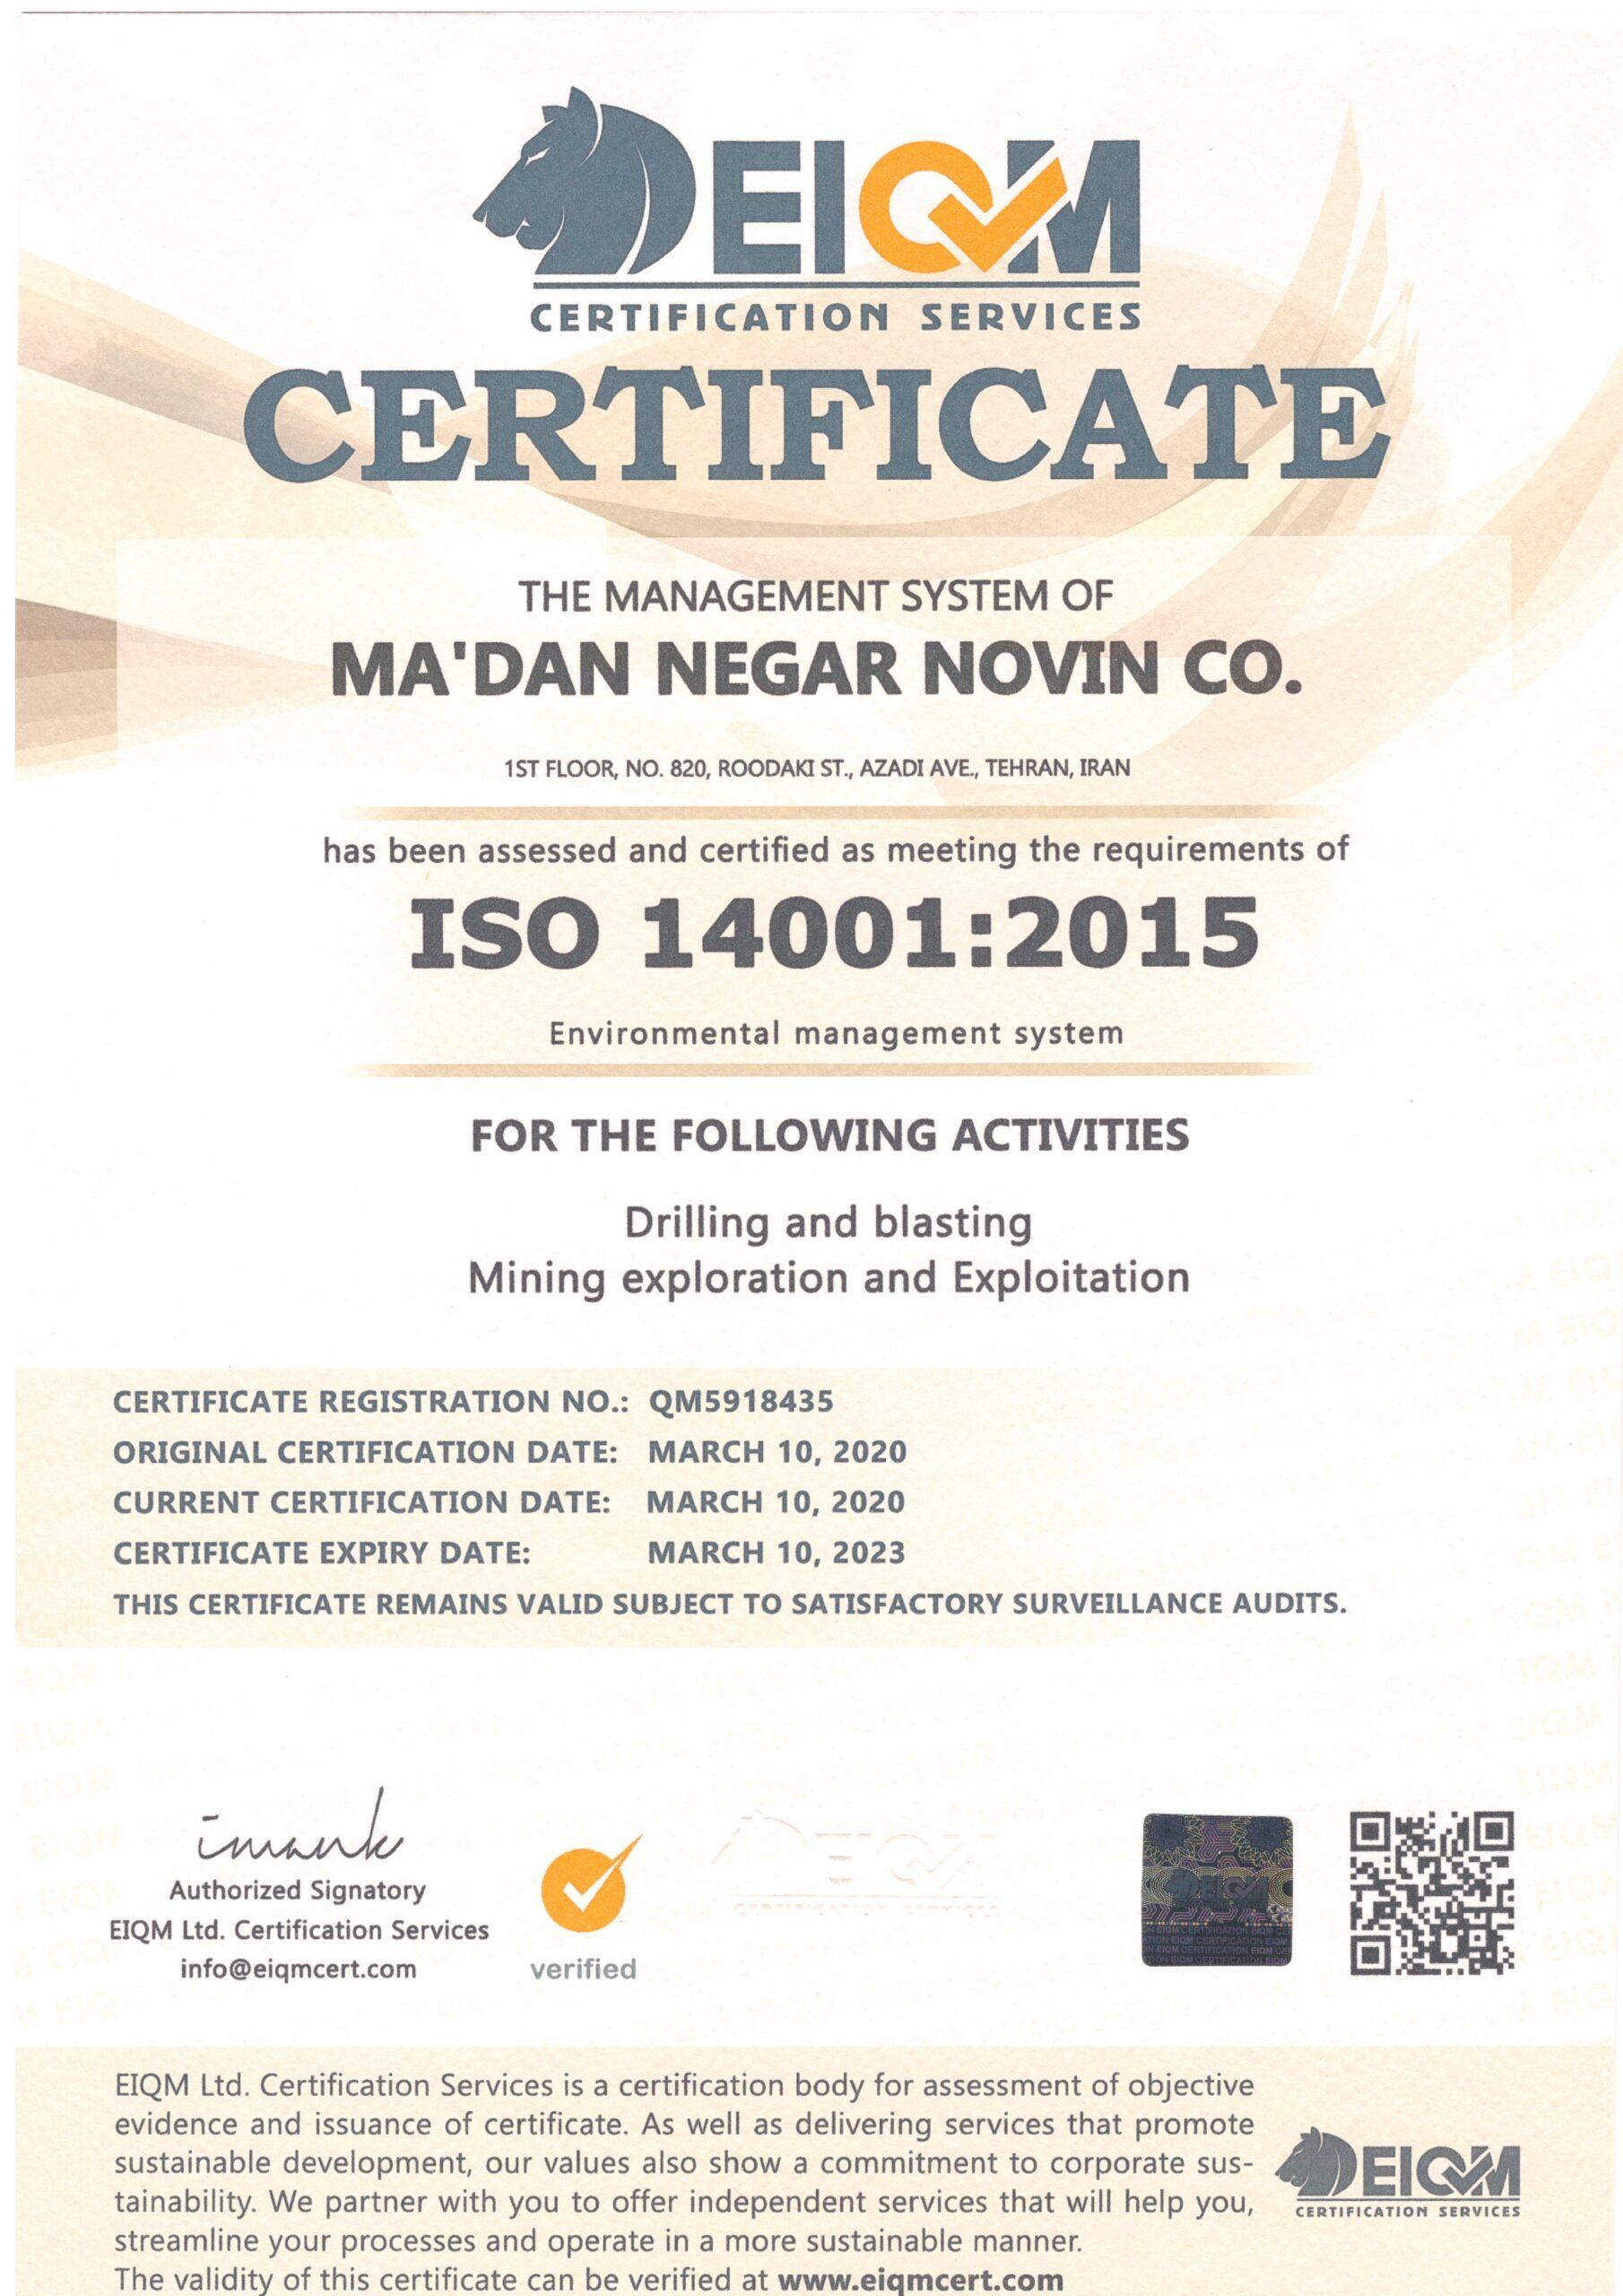 گواهینامه بین المللی ایزو 14001